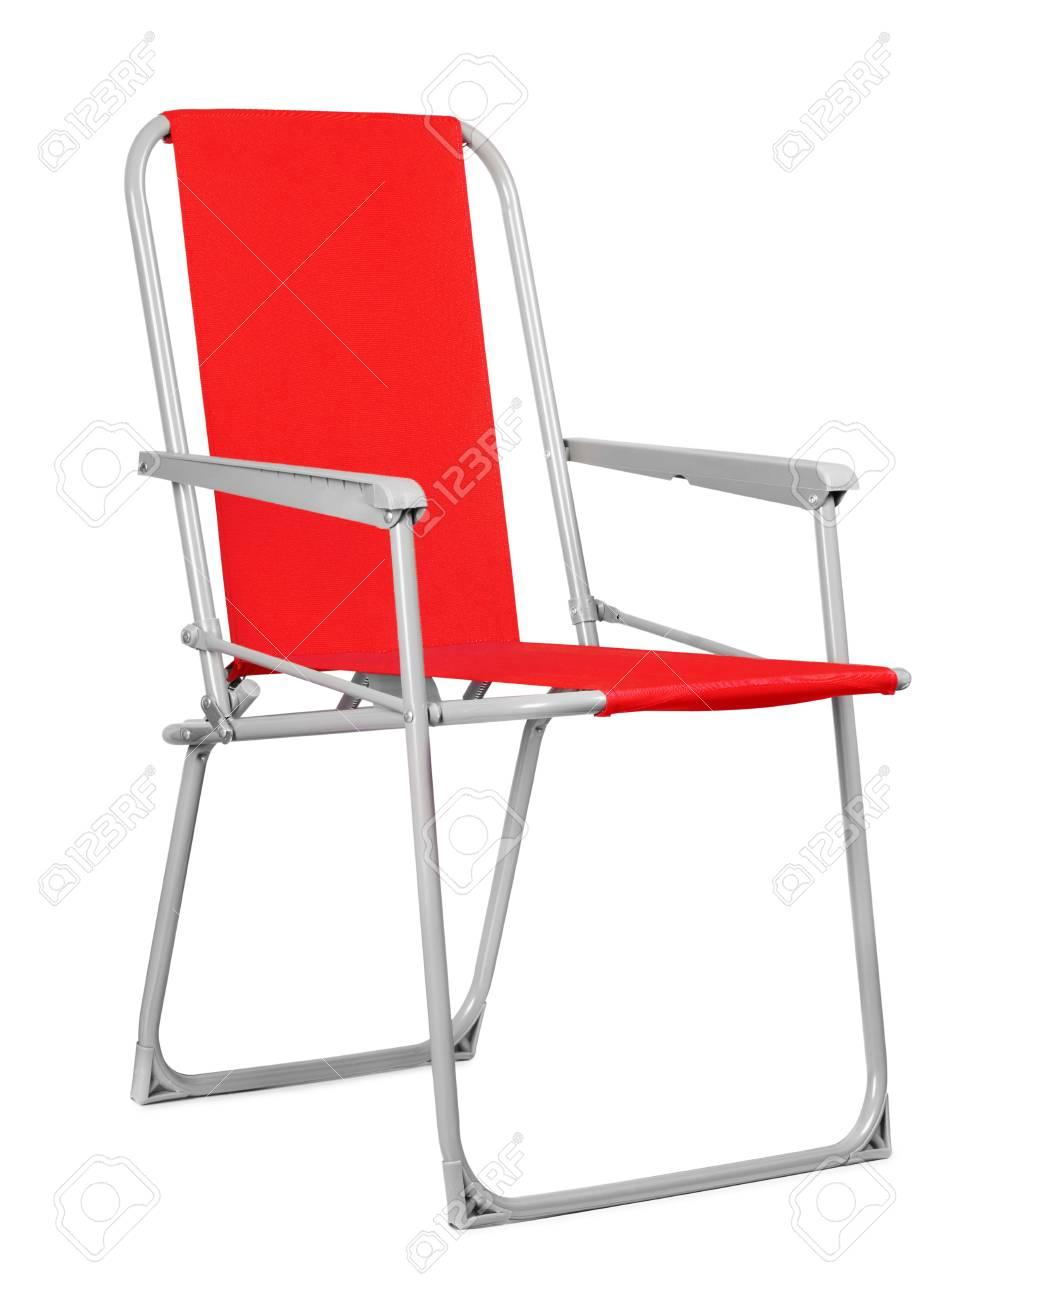 Chaise Pliante Rouge Isol Sur Le Fond Blanc Banque DImages Et